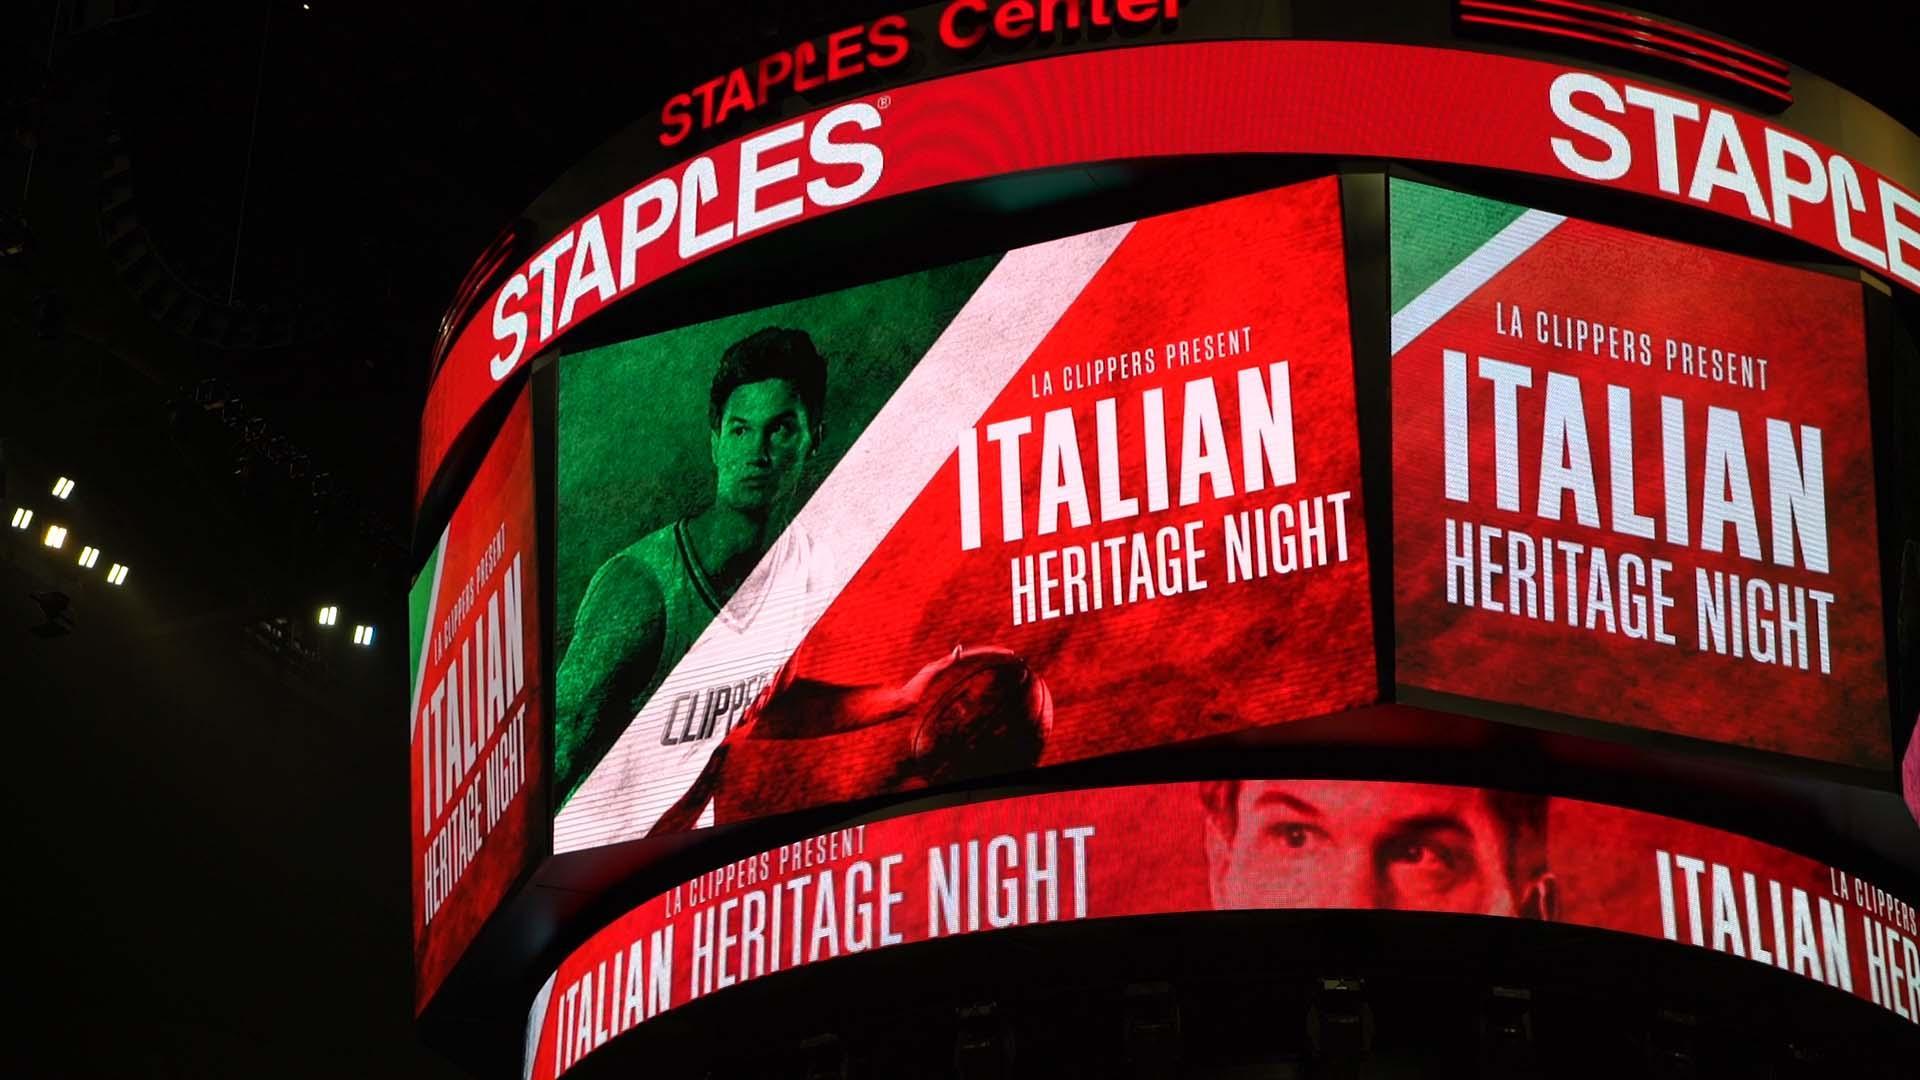 L'Nba celebra l'Italia: Del Piero-Gallinari show